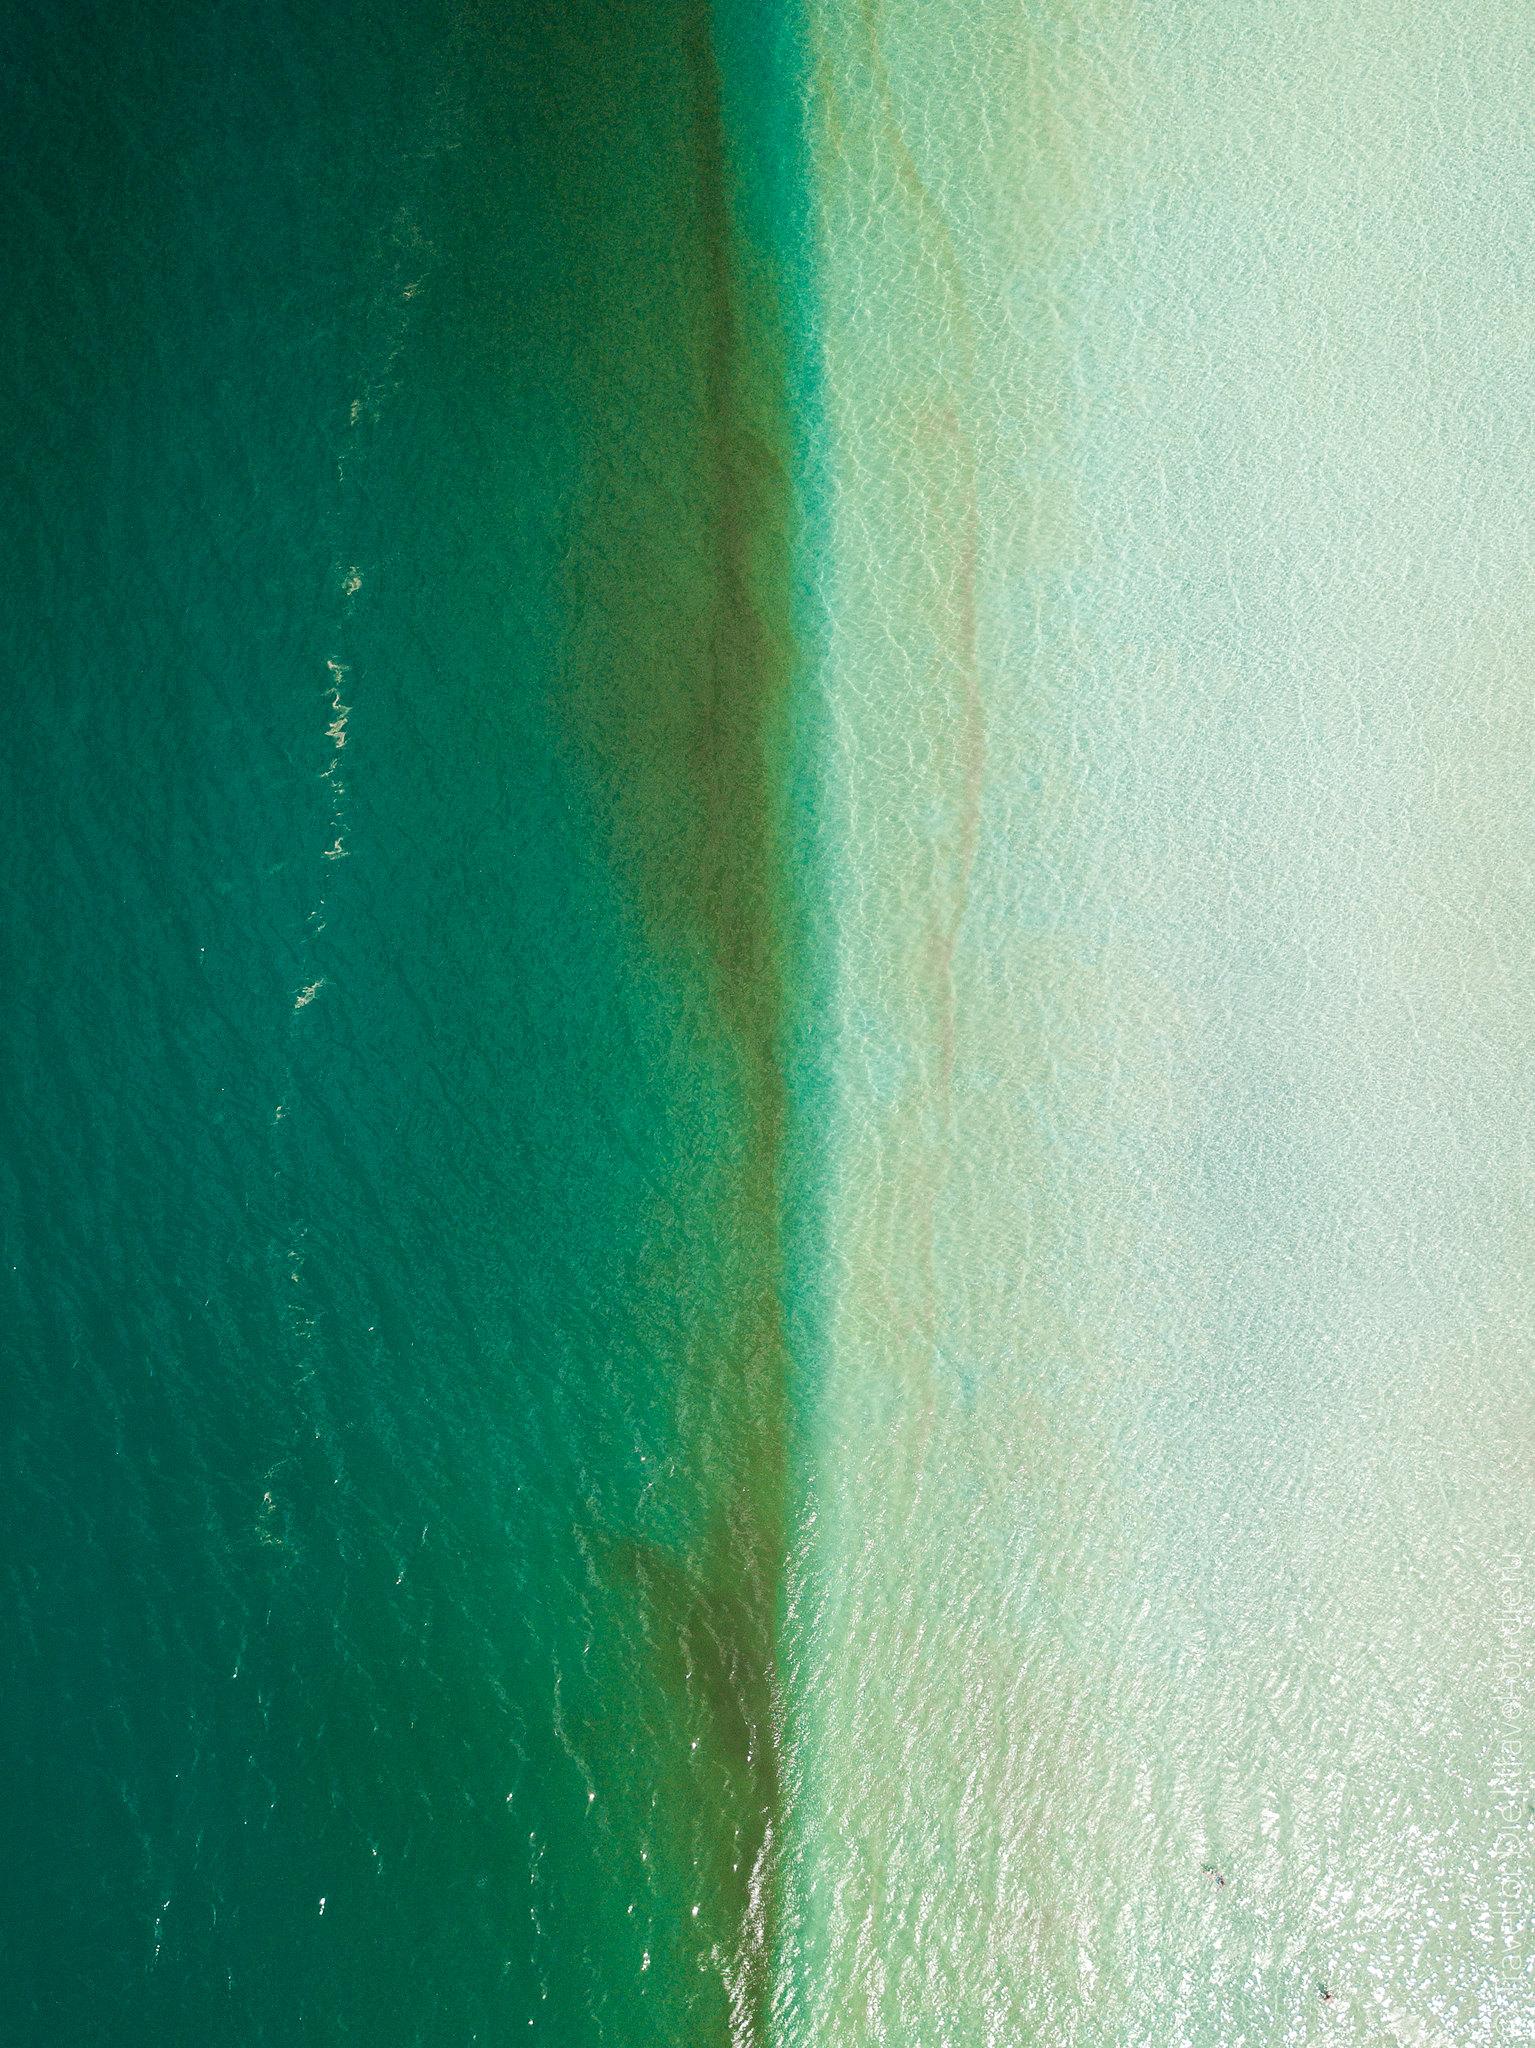 Salda-Lake-Озеро-Салда-dji-mavic-0089